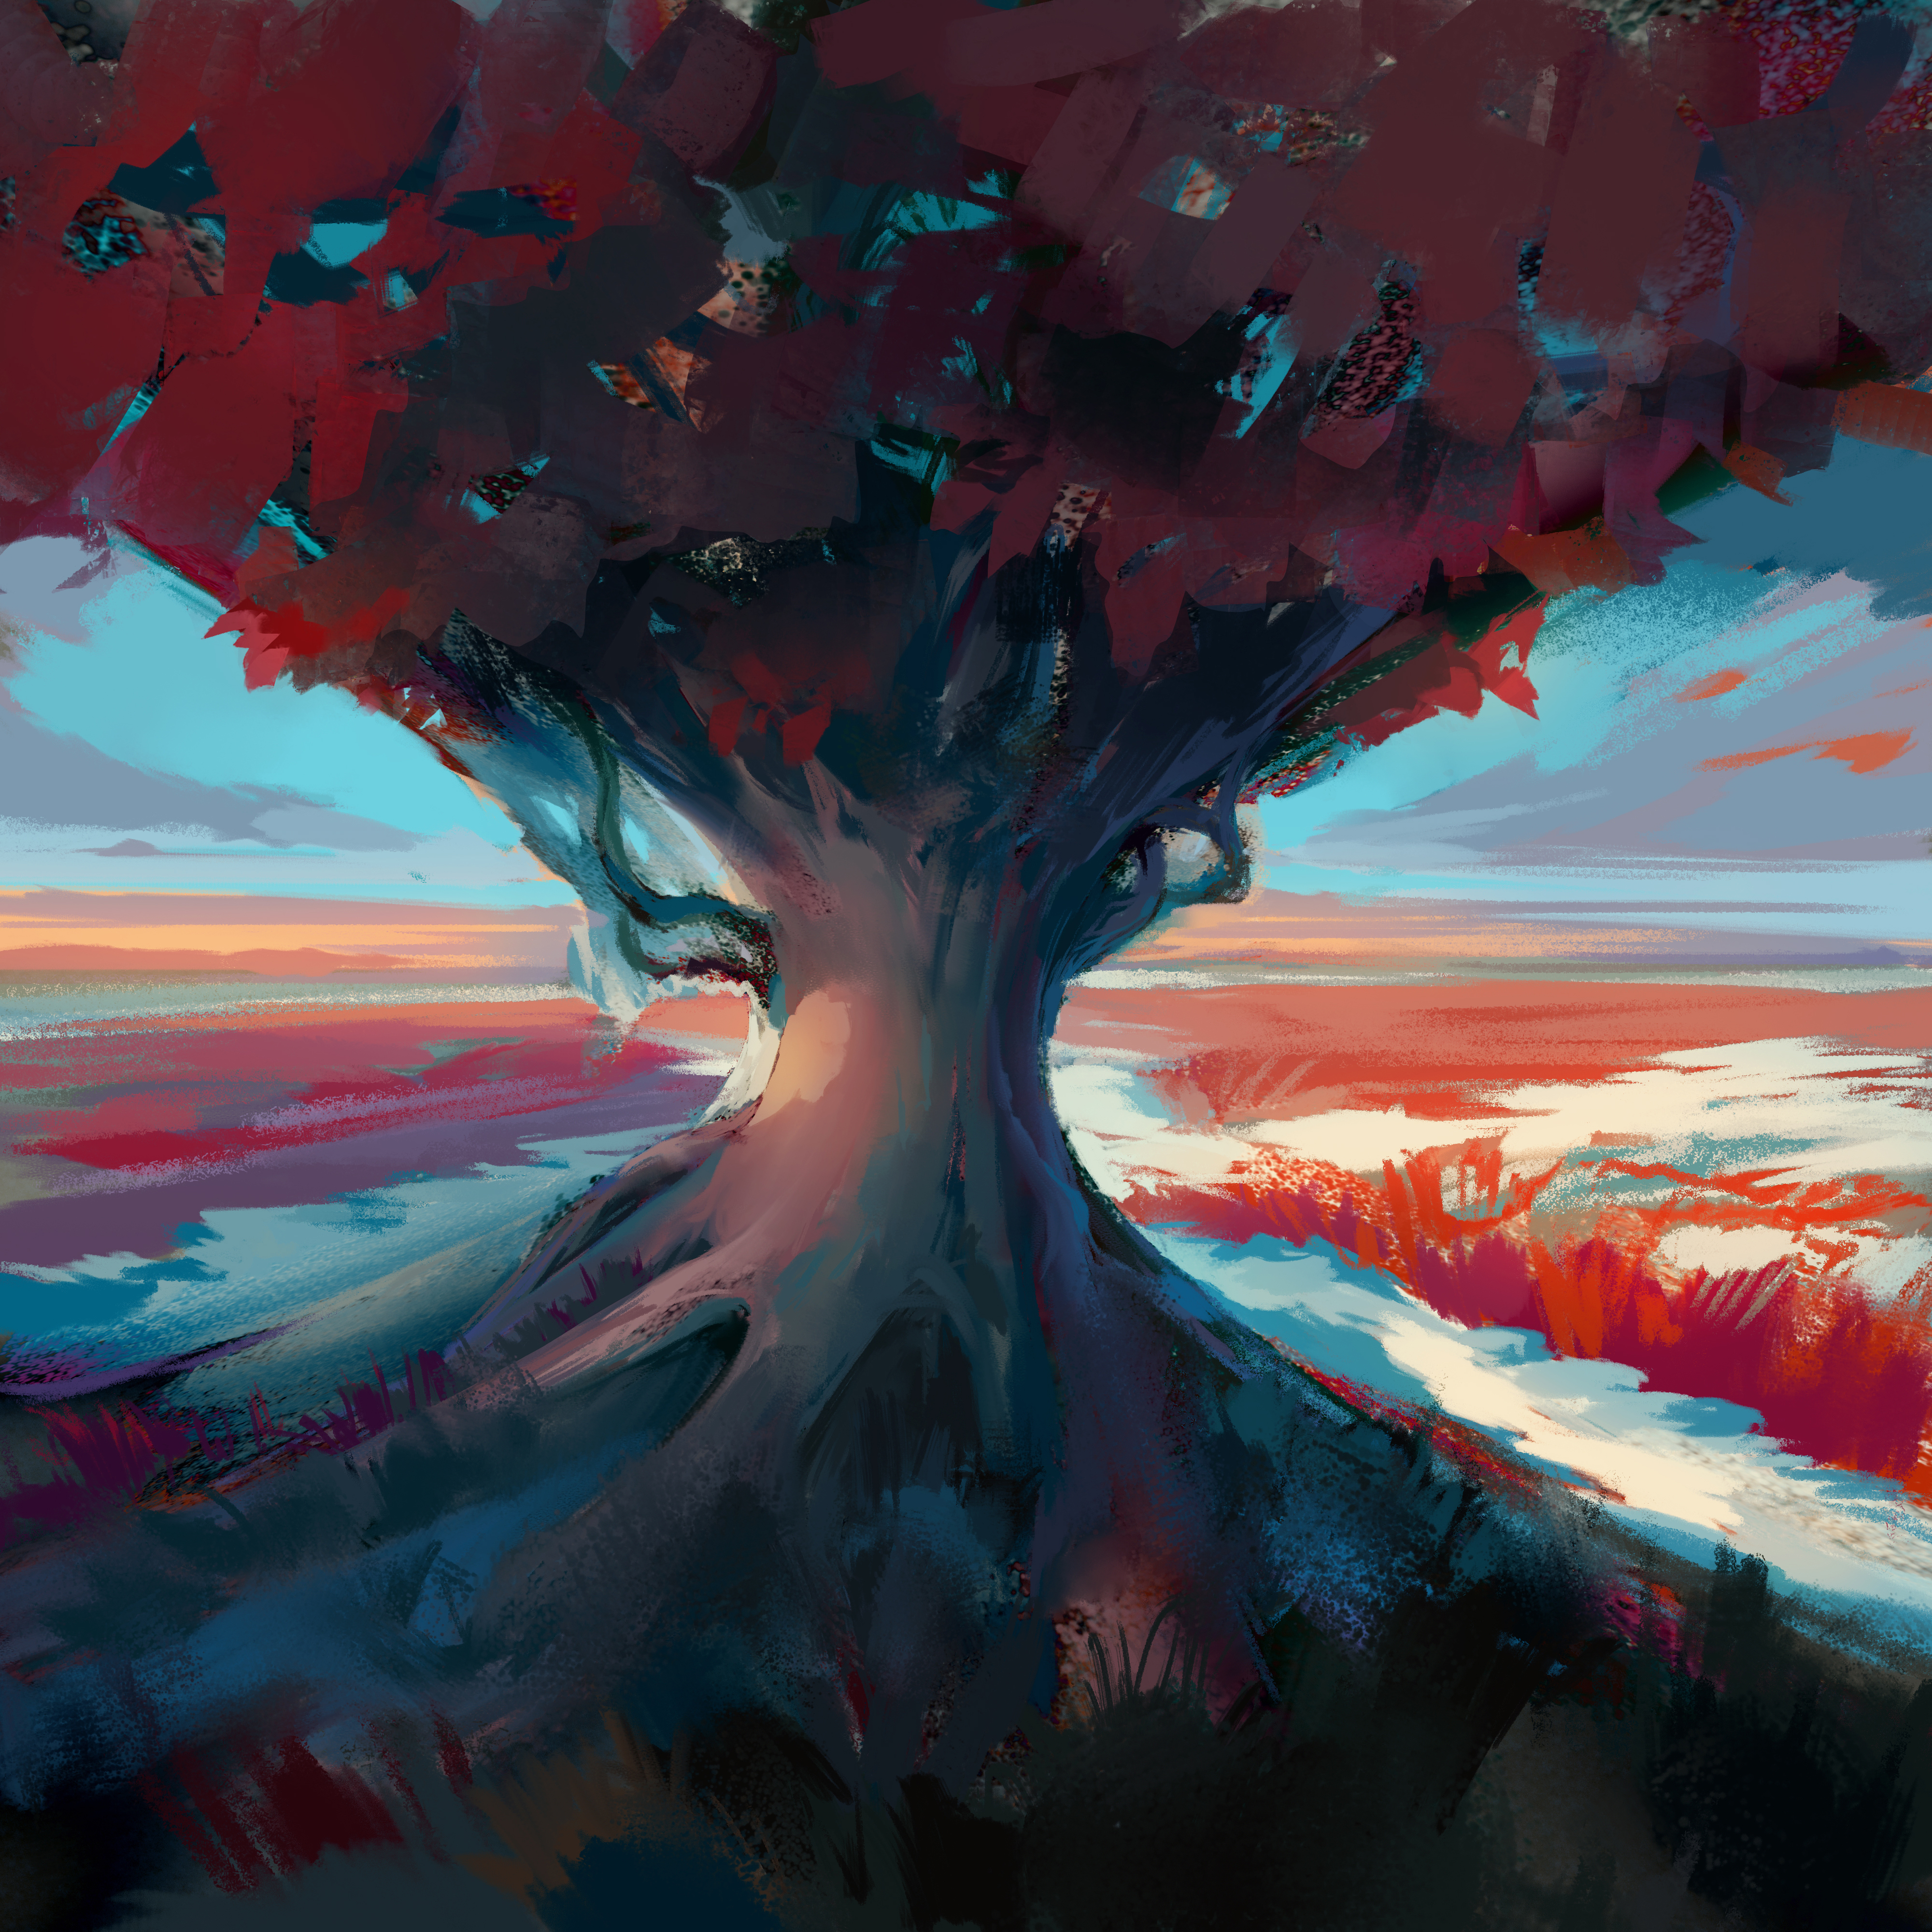 1366x768 Tree Digital Art 4k 1366x768 Resolution HD 4k